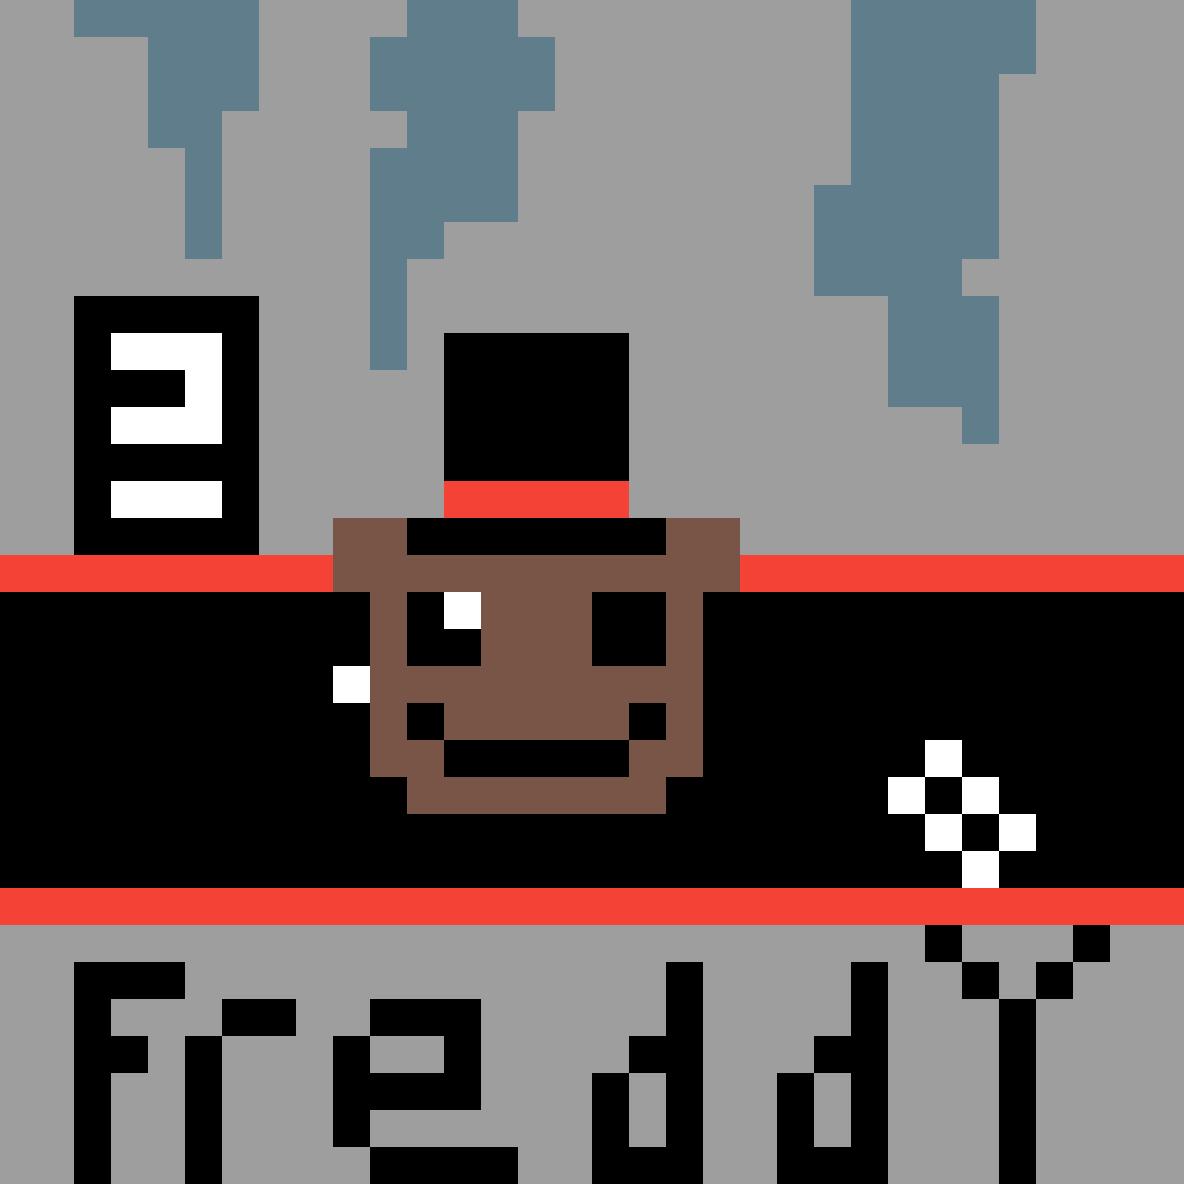 Freddy fazbear by GlueGamer